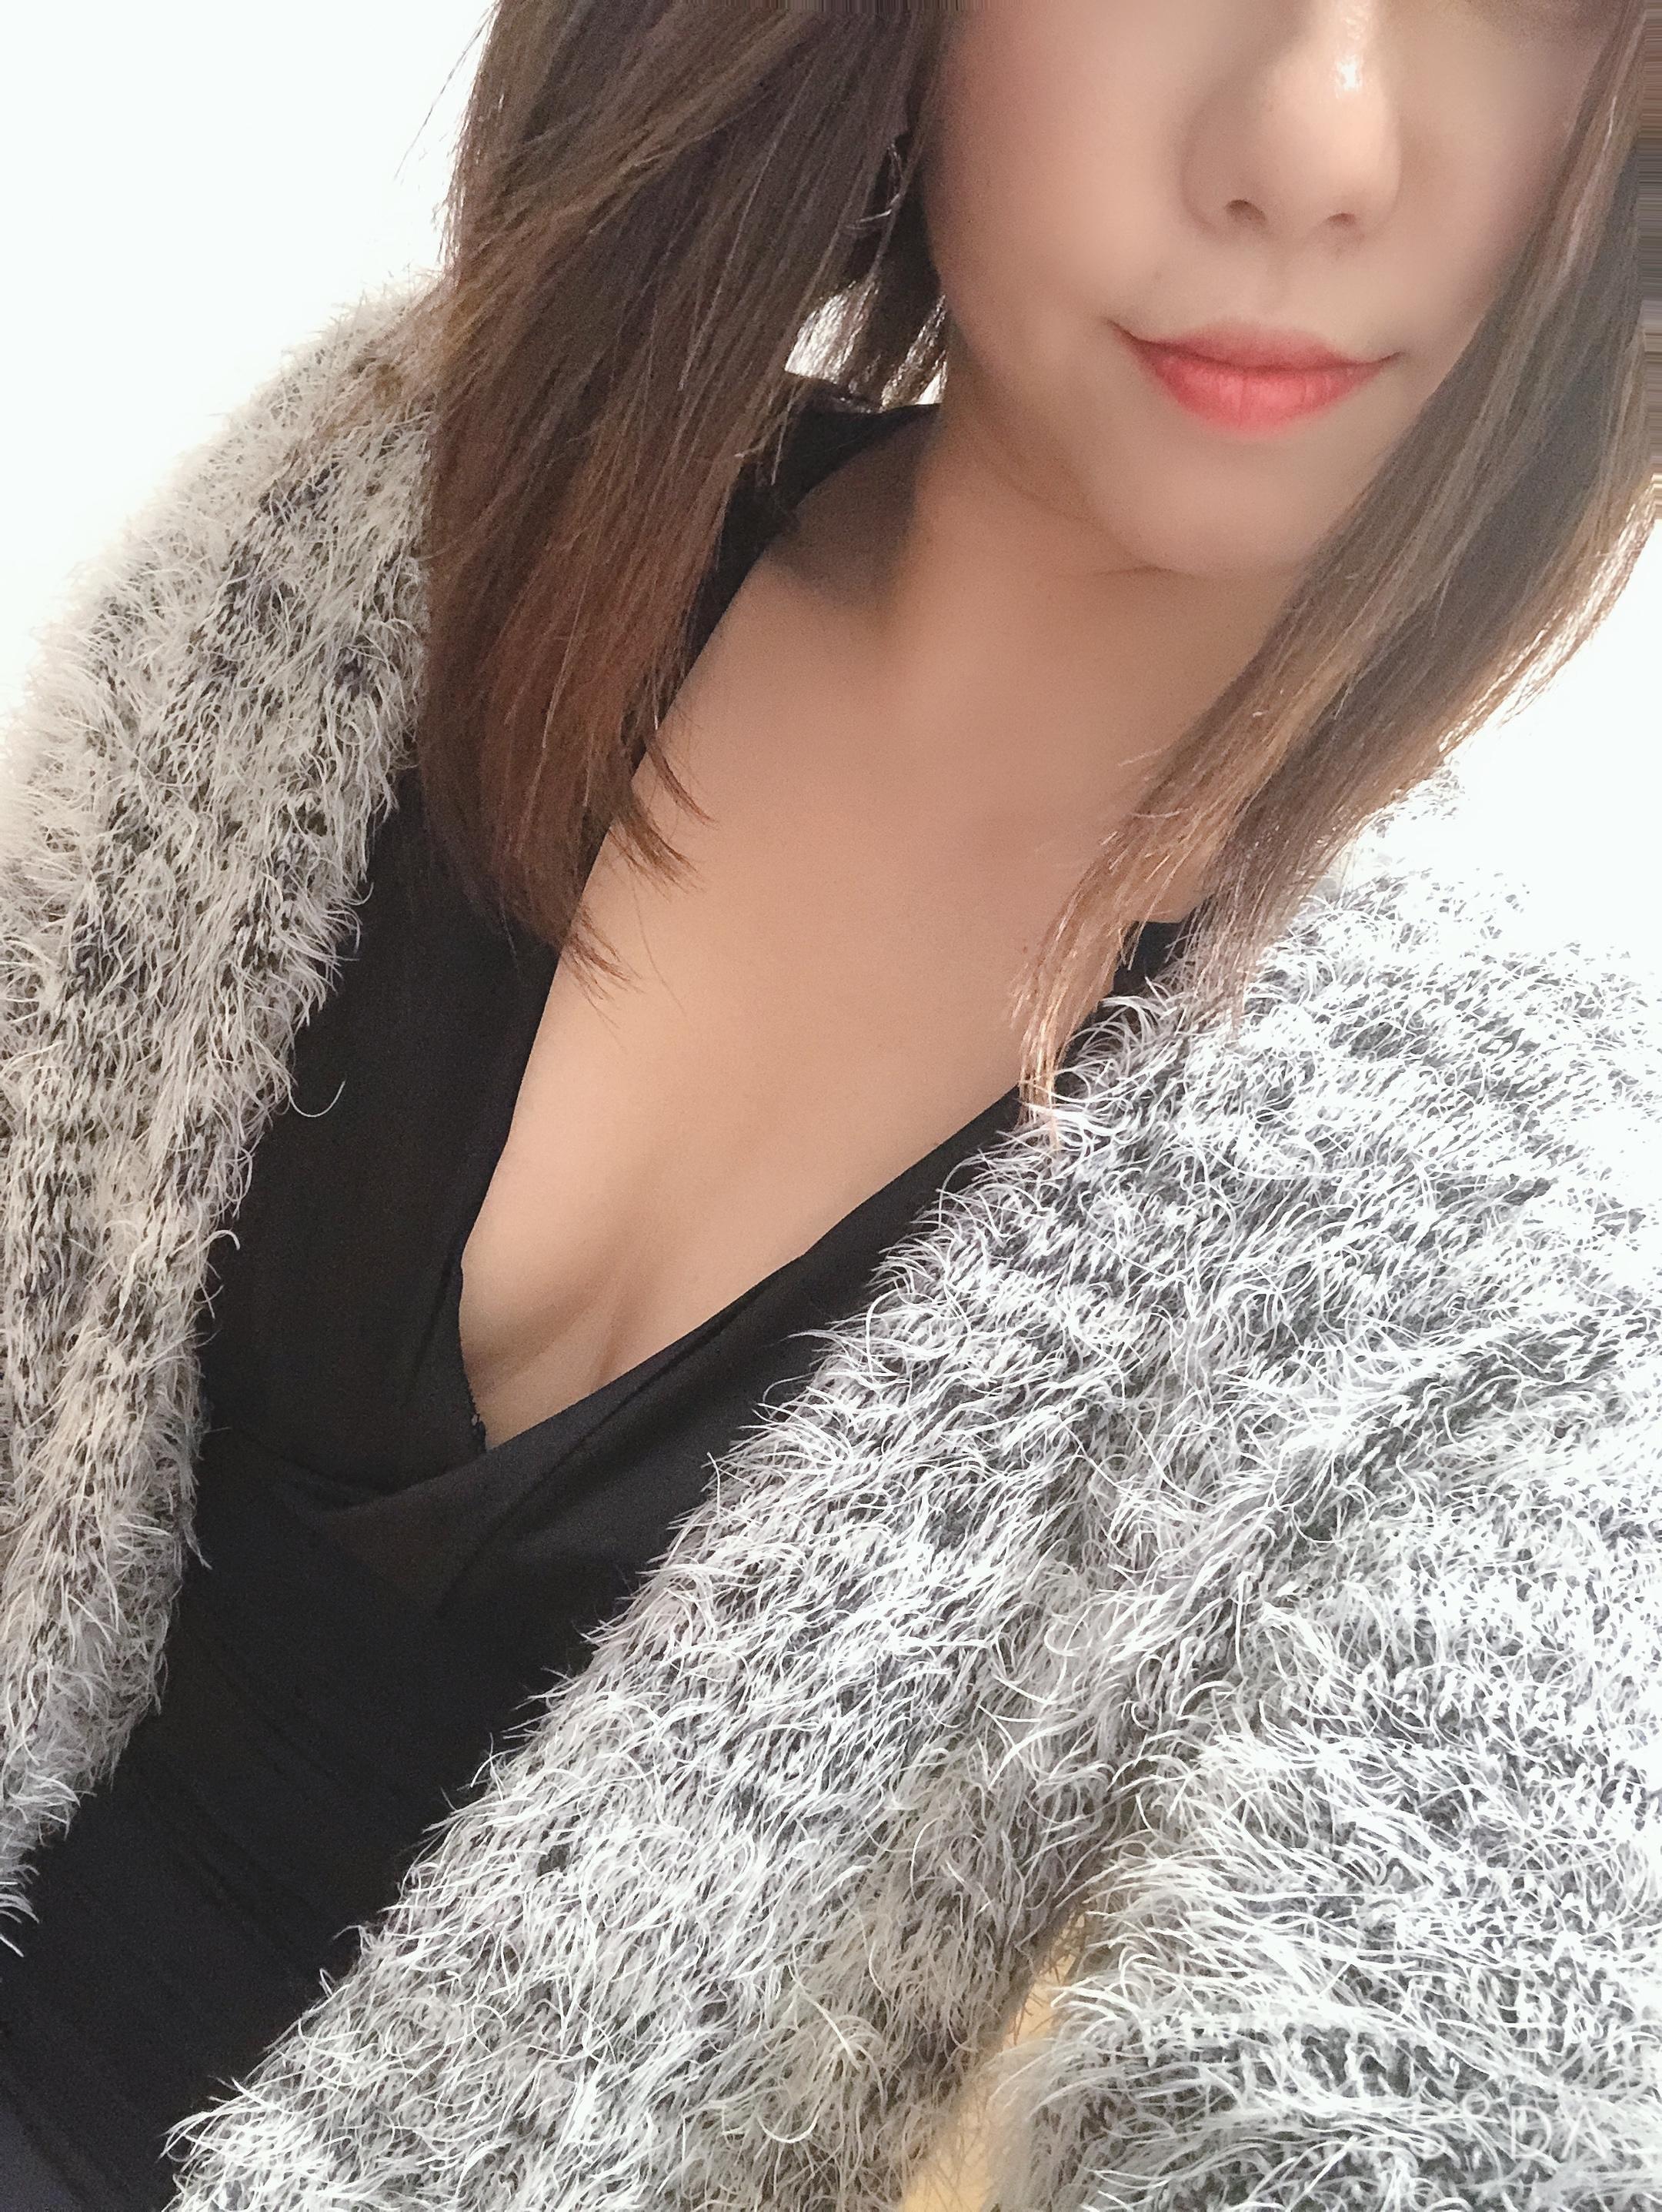 「寒すぎました!(´;ω;)」12/23(12/23) 00:05 | えりの写メ・風俗動画